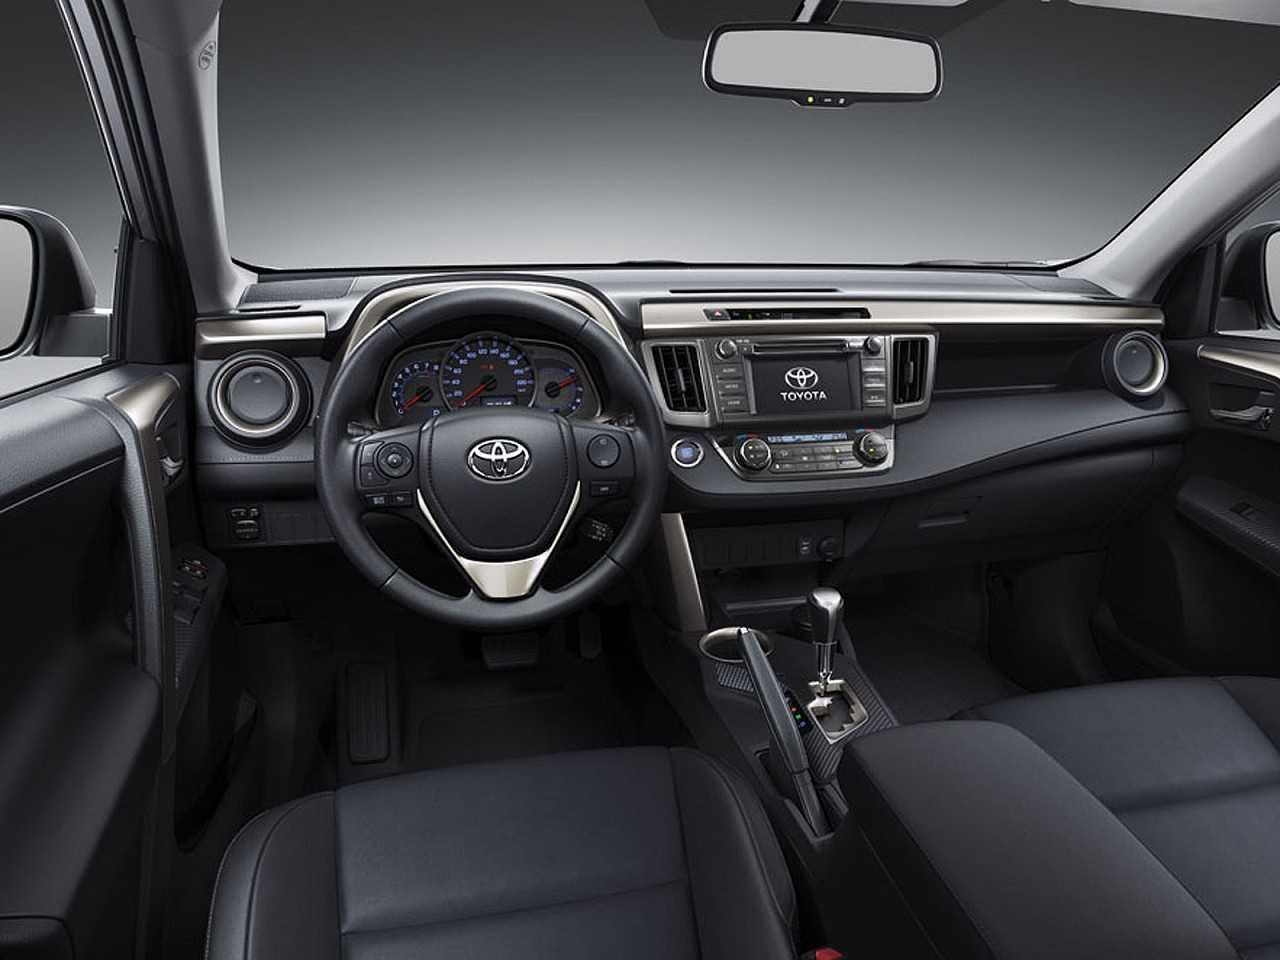 ToyotaRAV4 2018 - painel